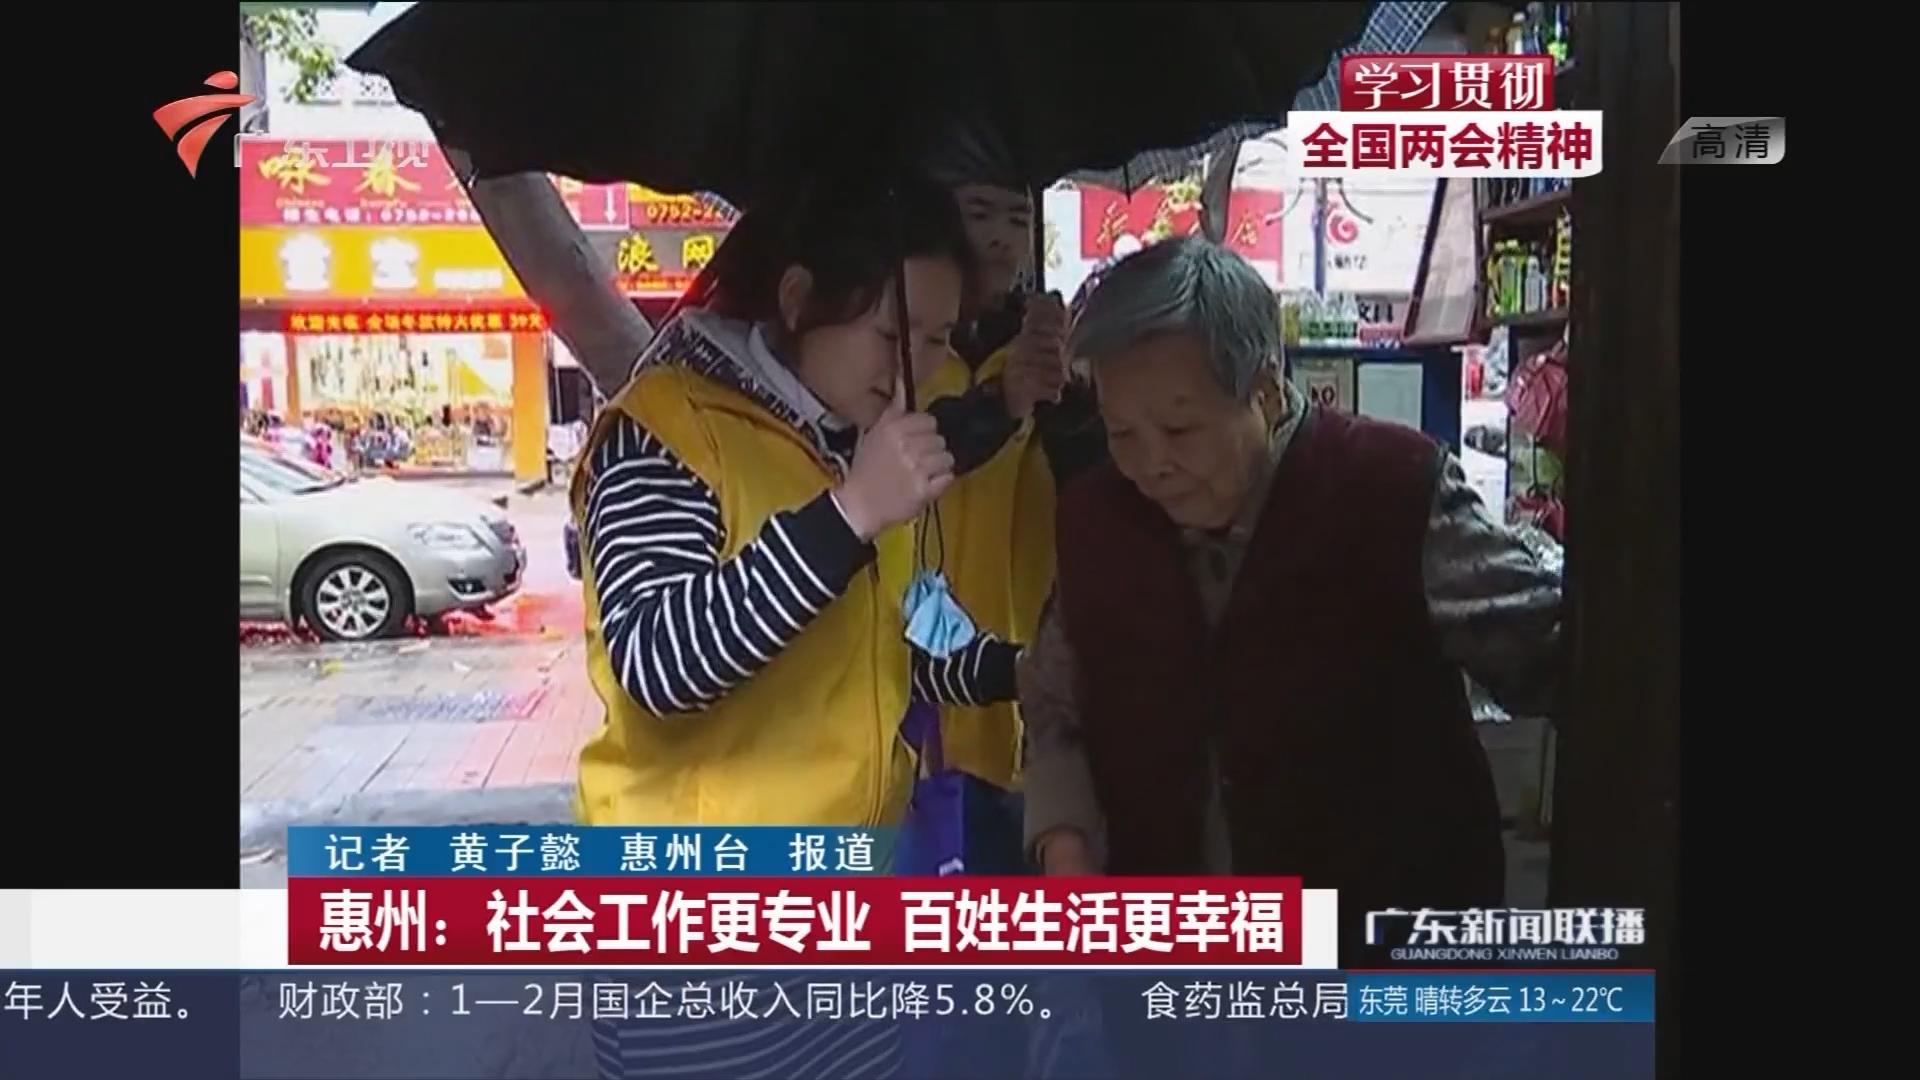 惠州:社会工作更专业 百姓生活更幸福